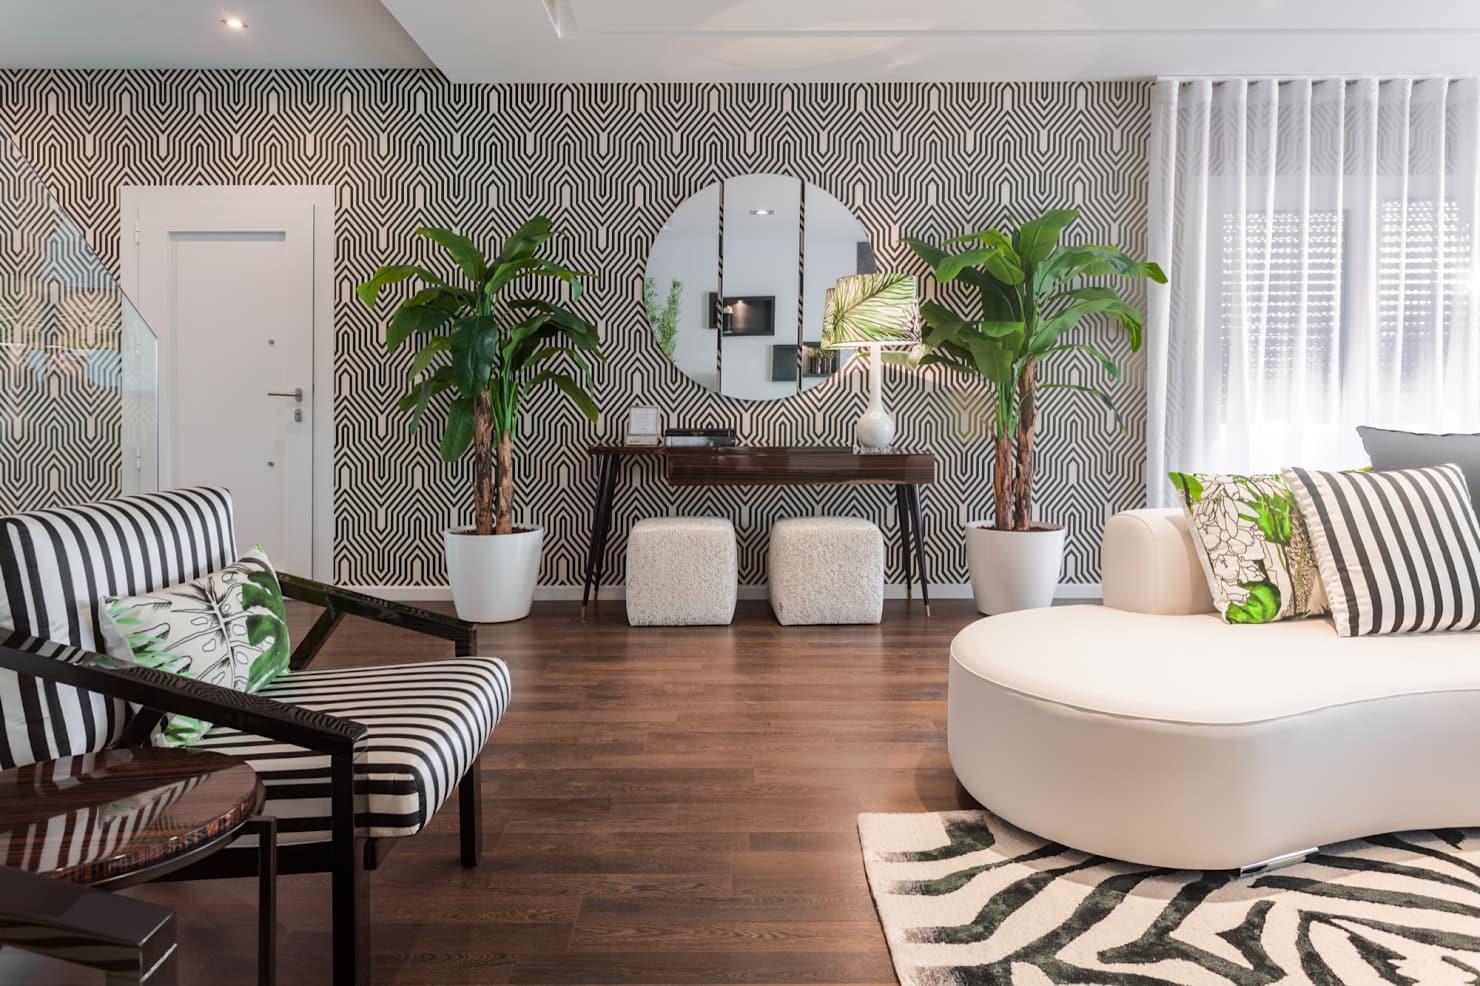 beautiful-renk-uyumu-evinizi-guzellestirmek-icin-basit-ipuclari-4 Evinizi güzelleştirmek için basit ipuçları